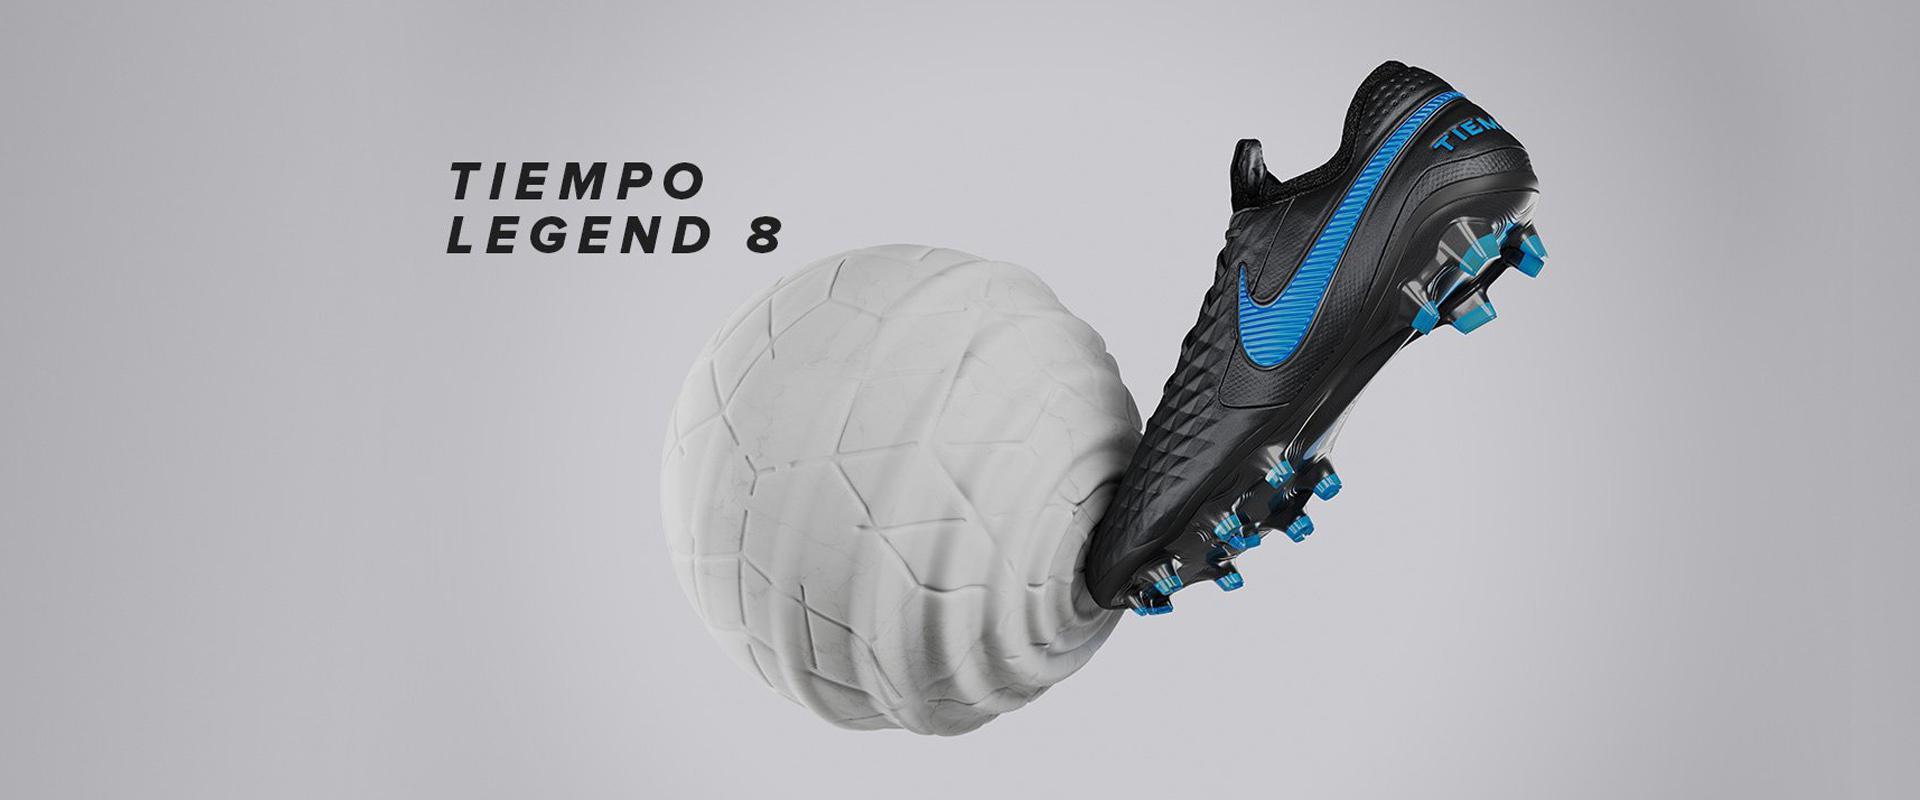 b2624157 Piłka nożna, sprzęt dla piłkarza, piłkarzy, piłkarski sklep internetowy -  ambersport.pl